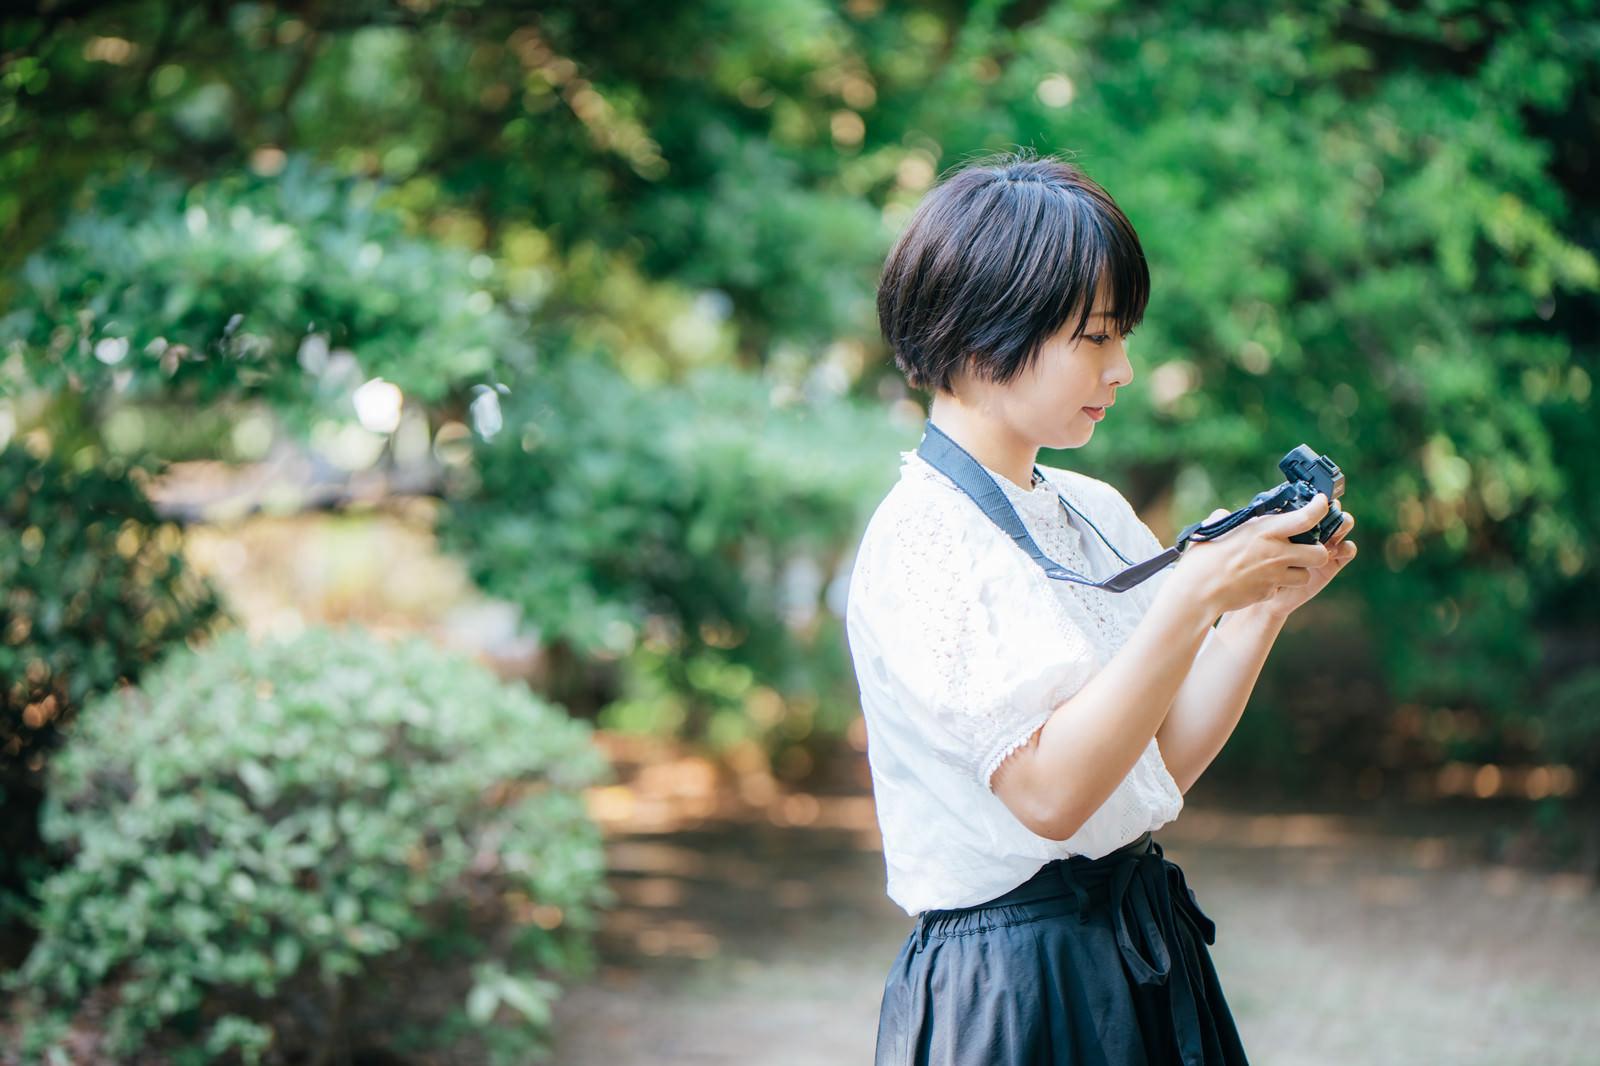 「スナップ撮影を楽しむカメラ女子」の写真[モデル:にゃるる]